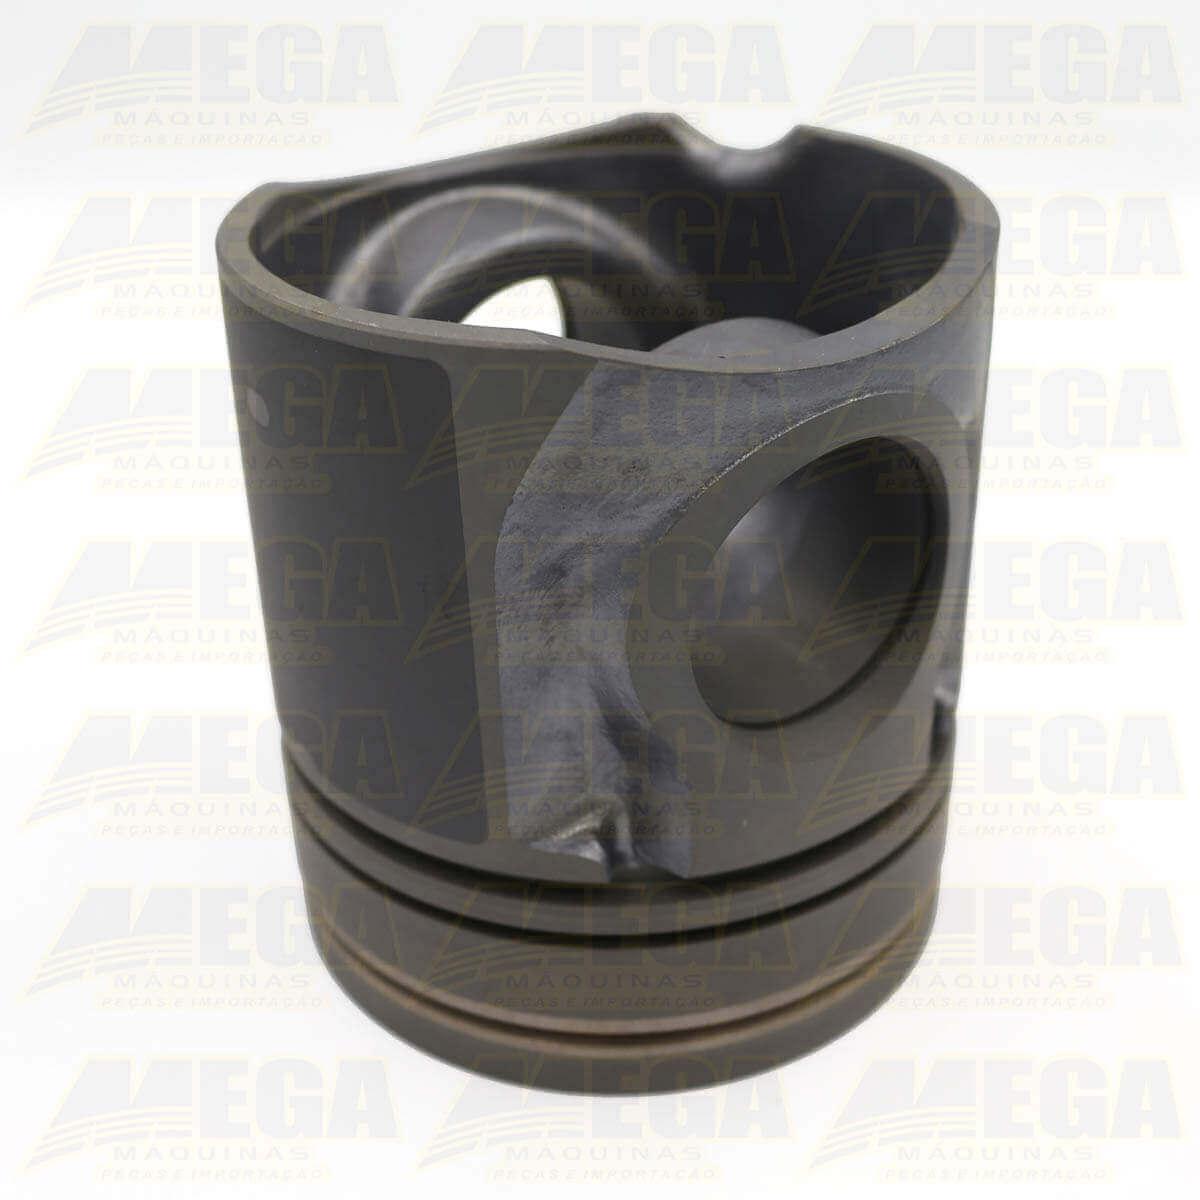 Kit Pistão com Anéis Motor DieselMax 444 Turbo 320/09211 32009211